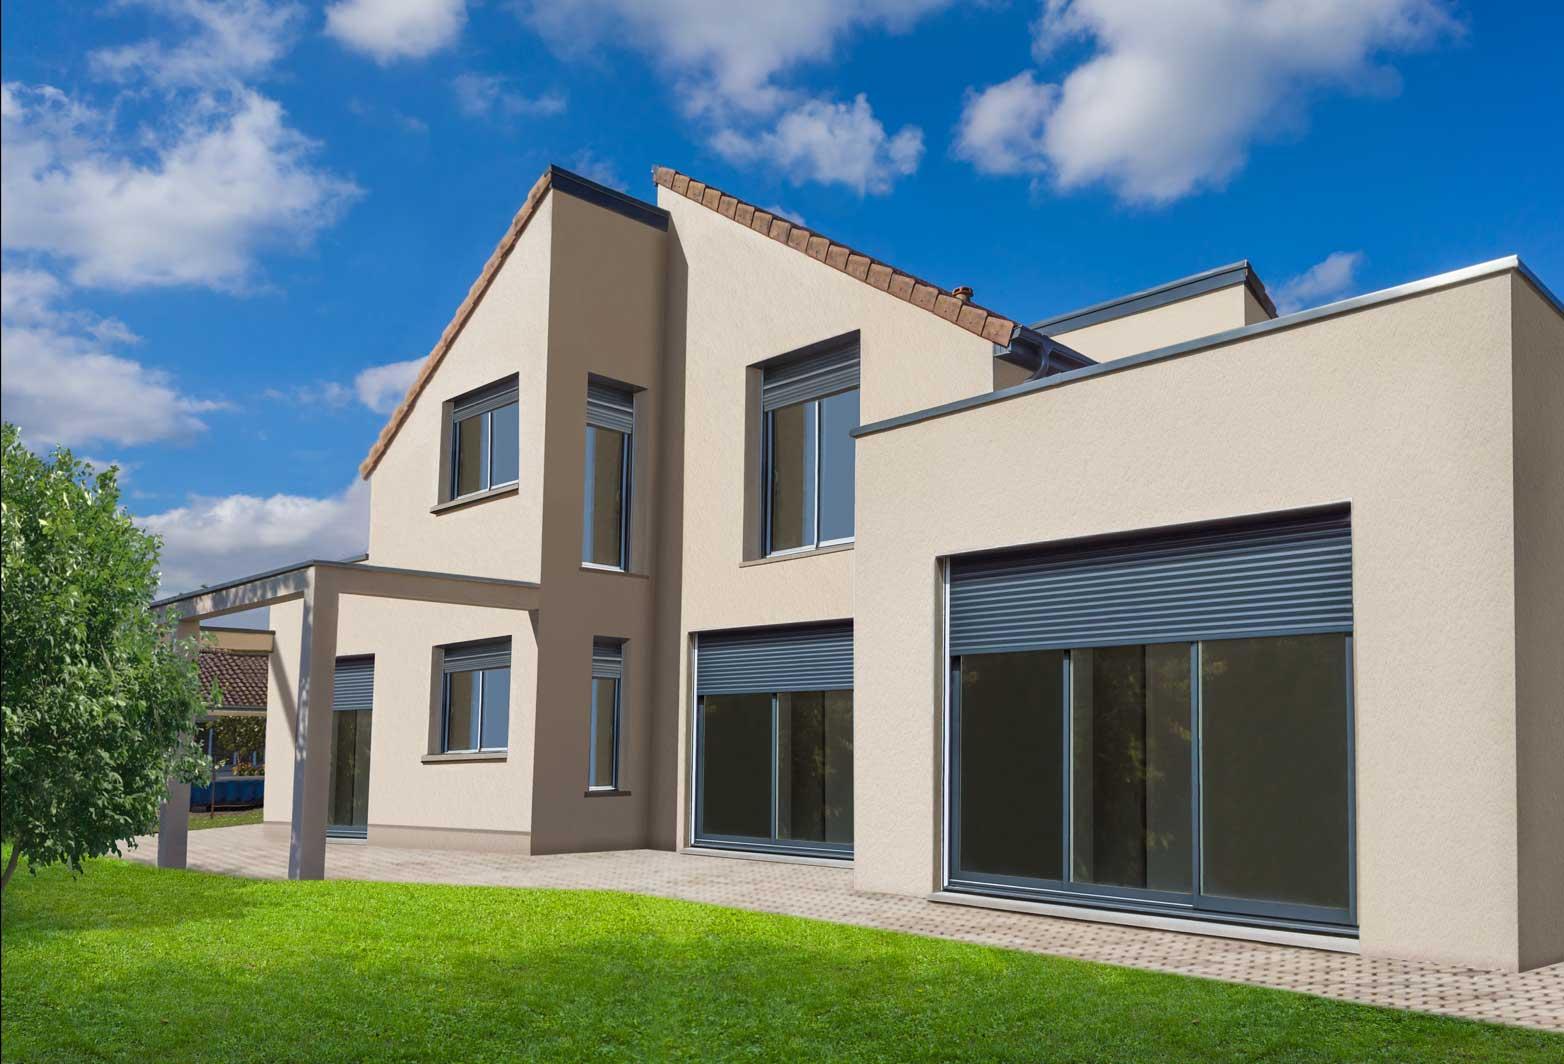 Immobilien Bilder verbessert Bildbearbeitung Immobilien